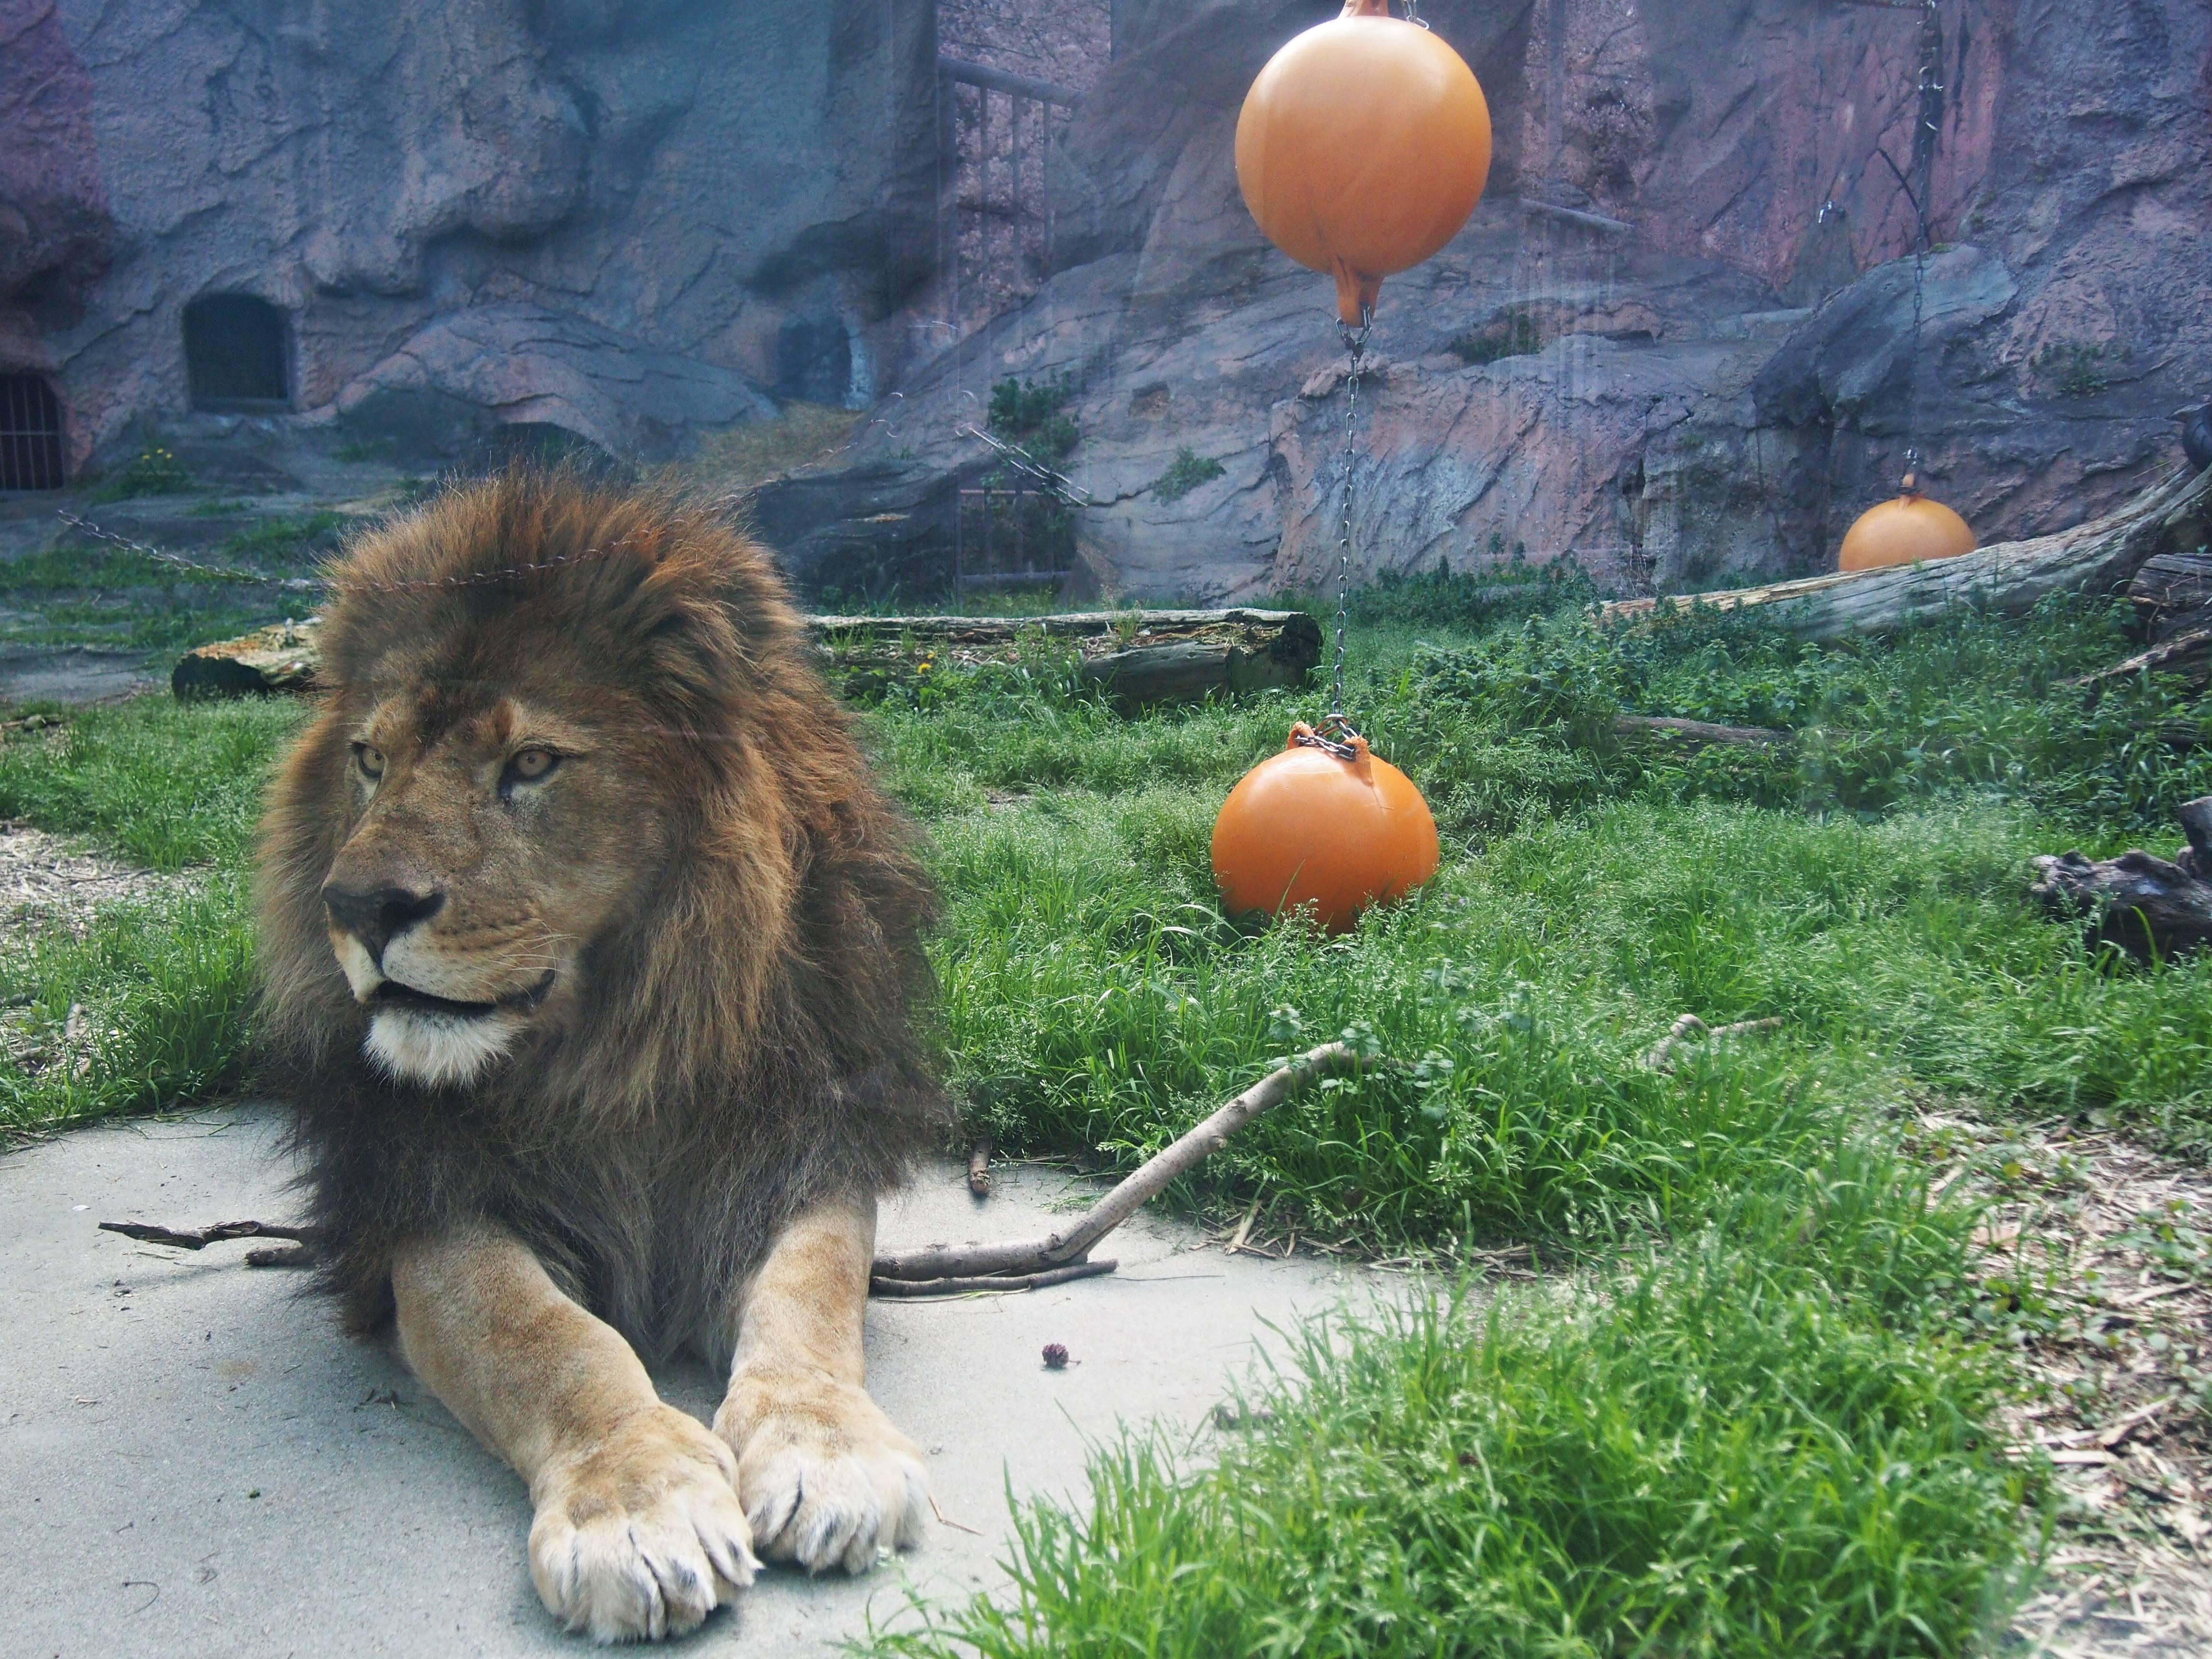 東山動物園の園長に聞いた!動物園をより楽しむためのプランとは - P4121925